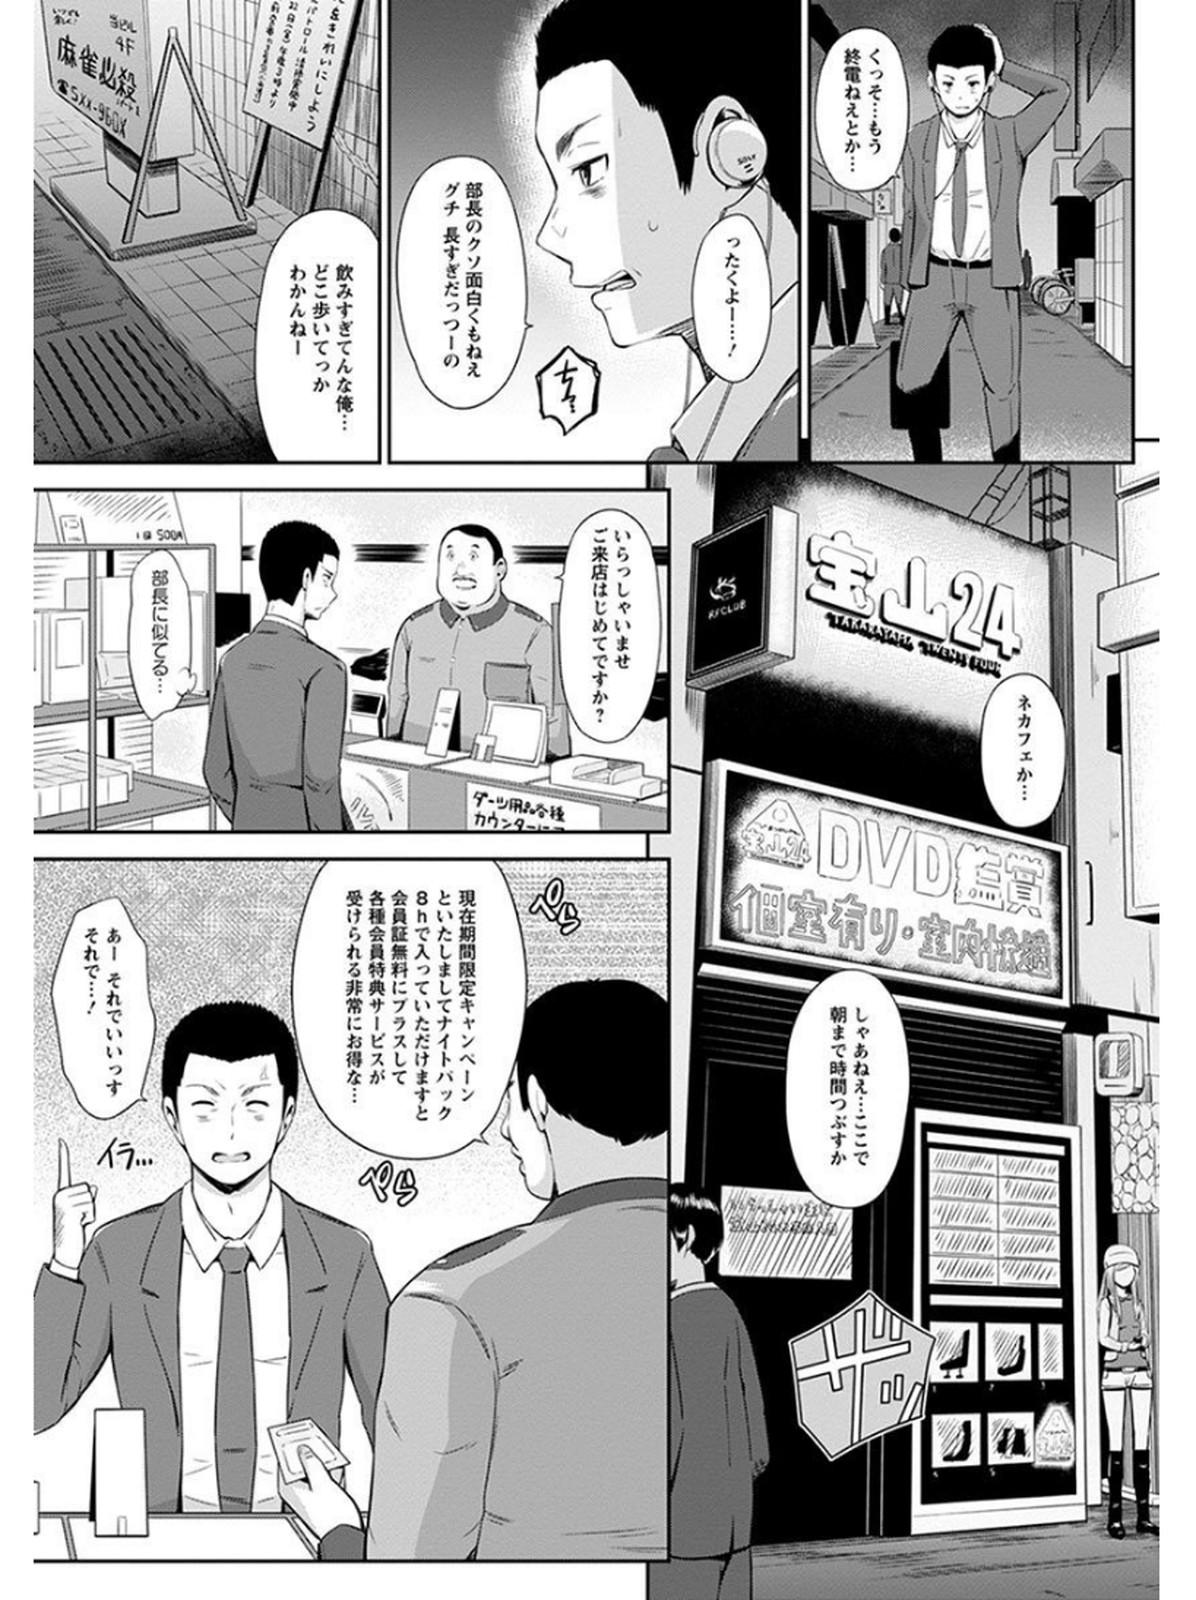 【エロ漫画】ネカフェでクソビッチなギャルJKがオナテツしてあげると誘惑してきたwww